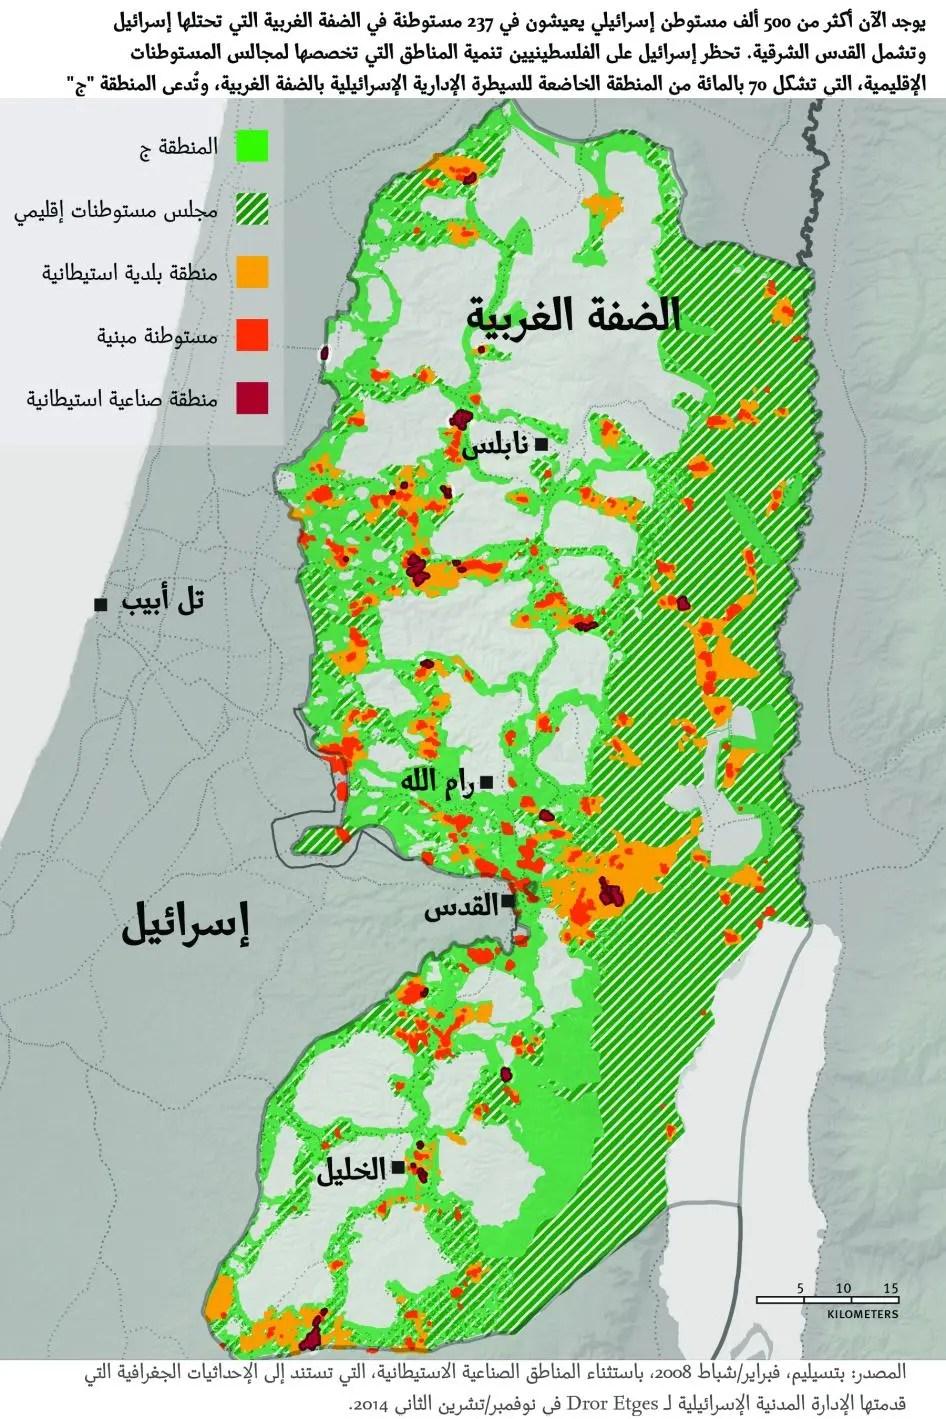 كيف تسهم الأعمال التجارية بالمستوطنات في انتهاك إسرائيل